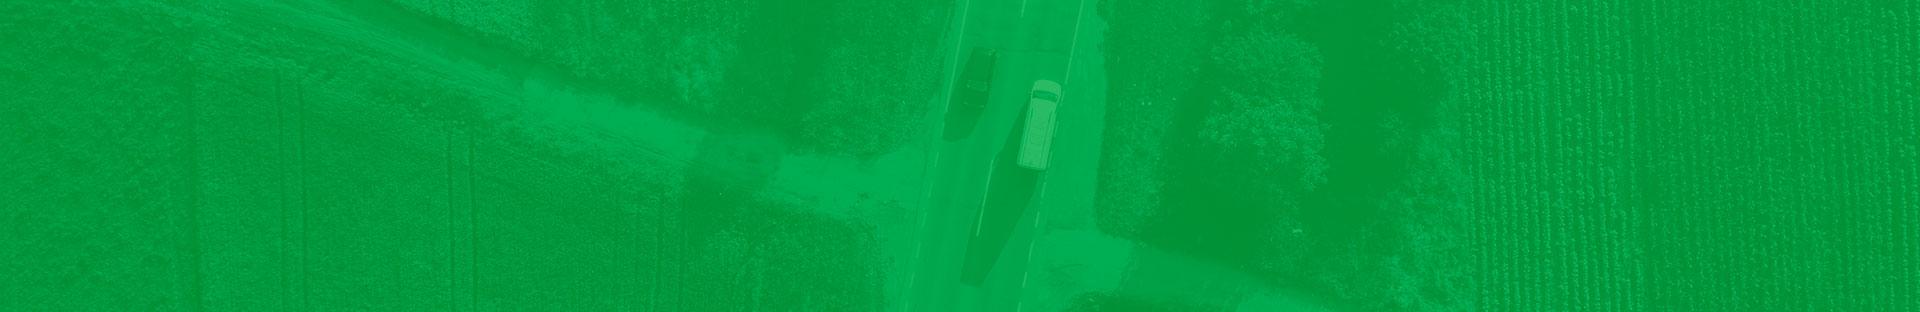 Nagłówek zielony